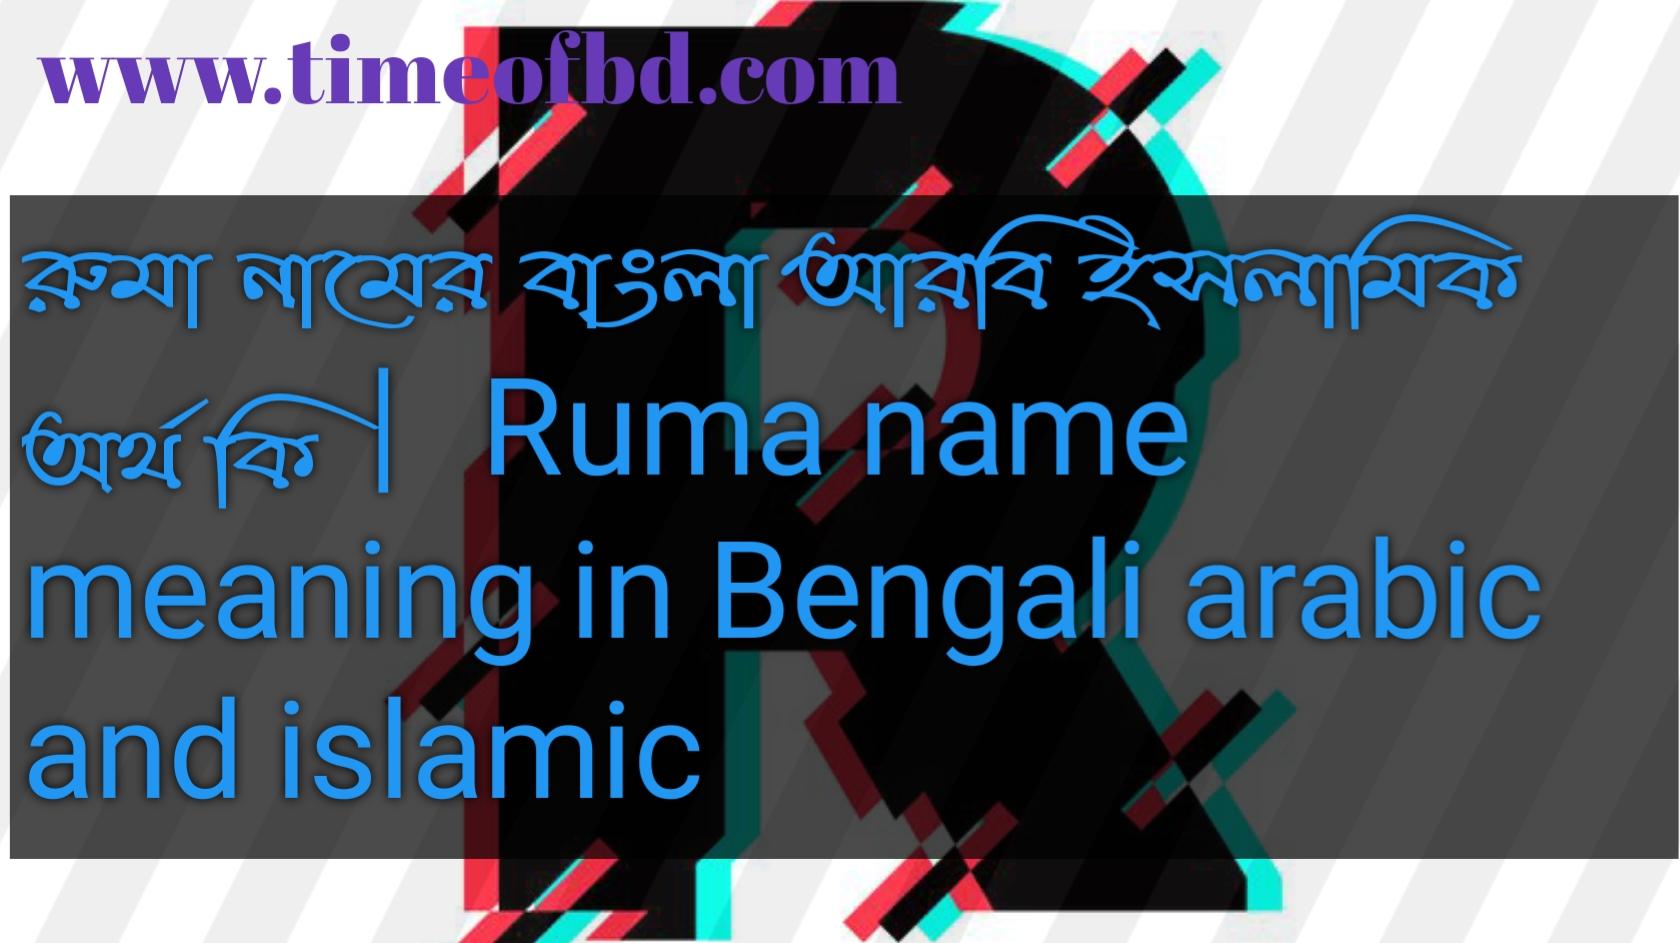 রুমা নামের অর্থ কি, রুমা নামের বাংলা অর্থ কি, রুমা নামের ইসলামিক অর্থ কি, Ruma name in Bengali, রুমা কি ইসলামিক নাম,